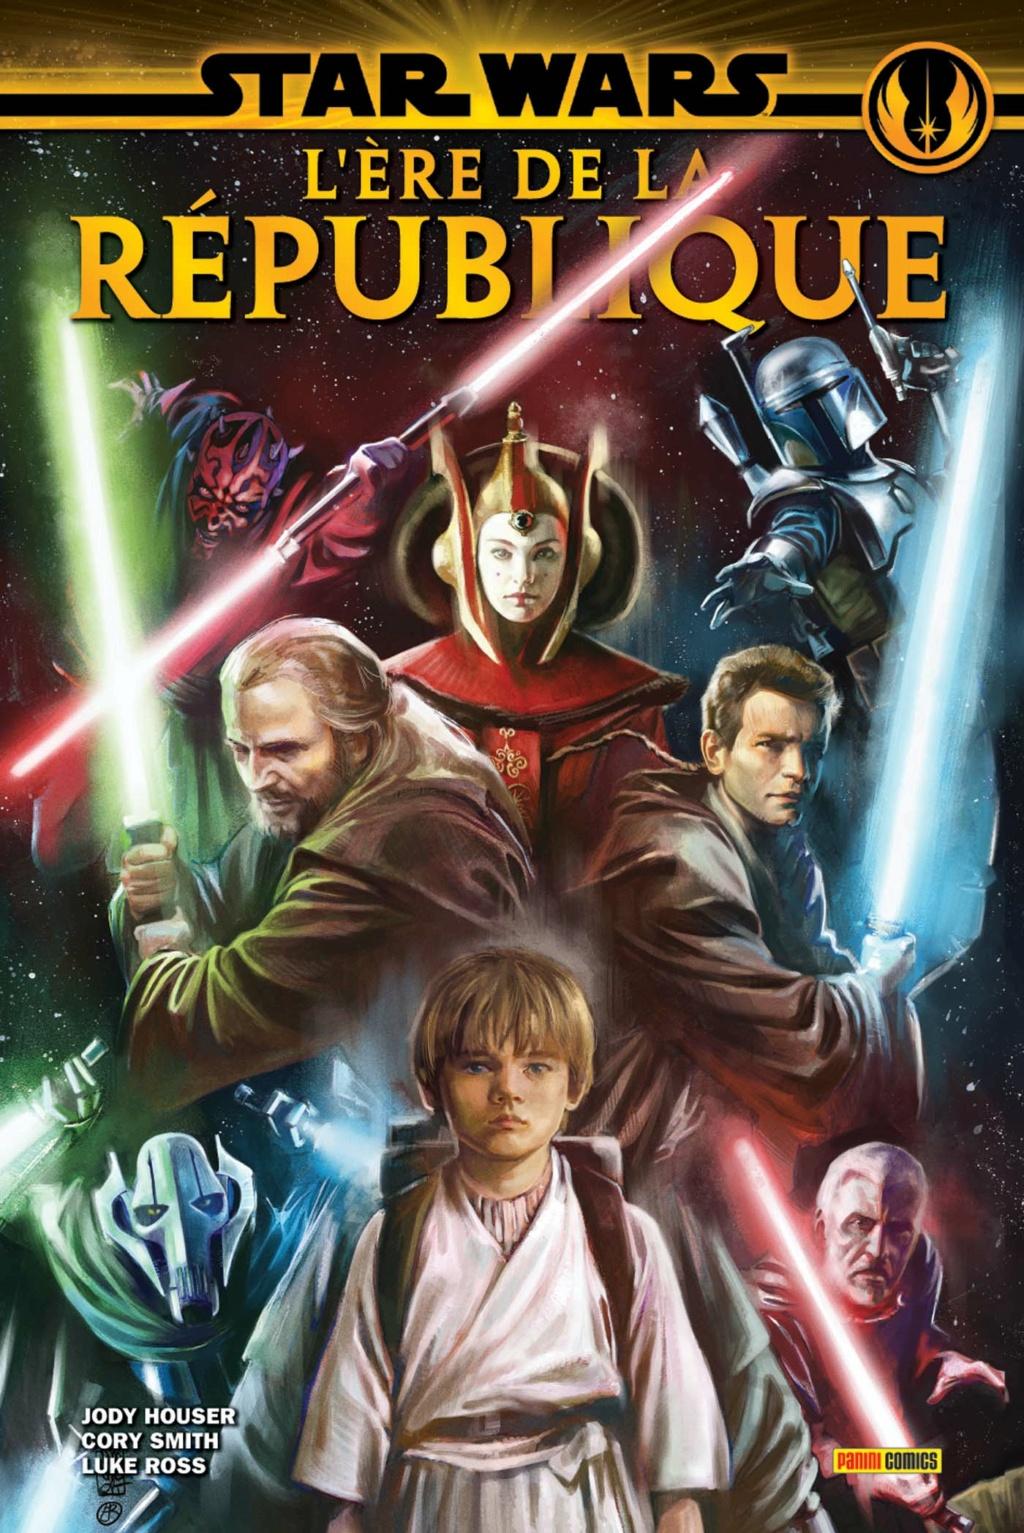 Star Wars : L'ère de la République - PANINI 97828028